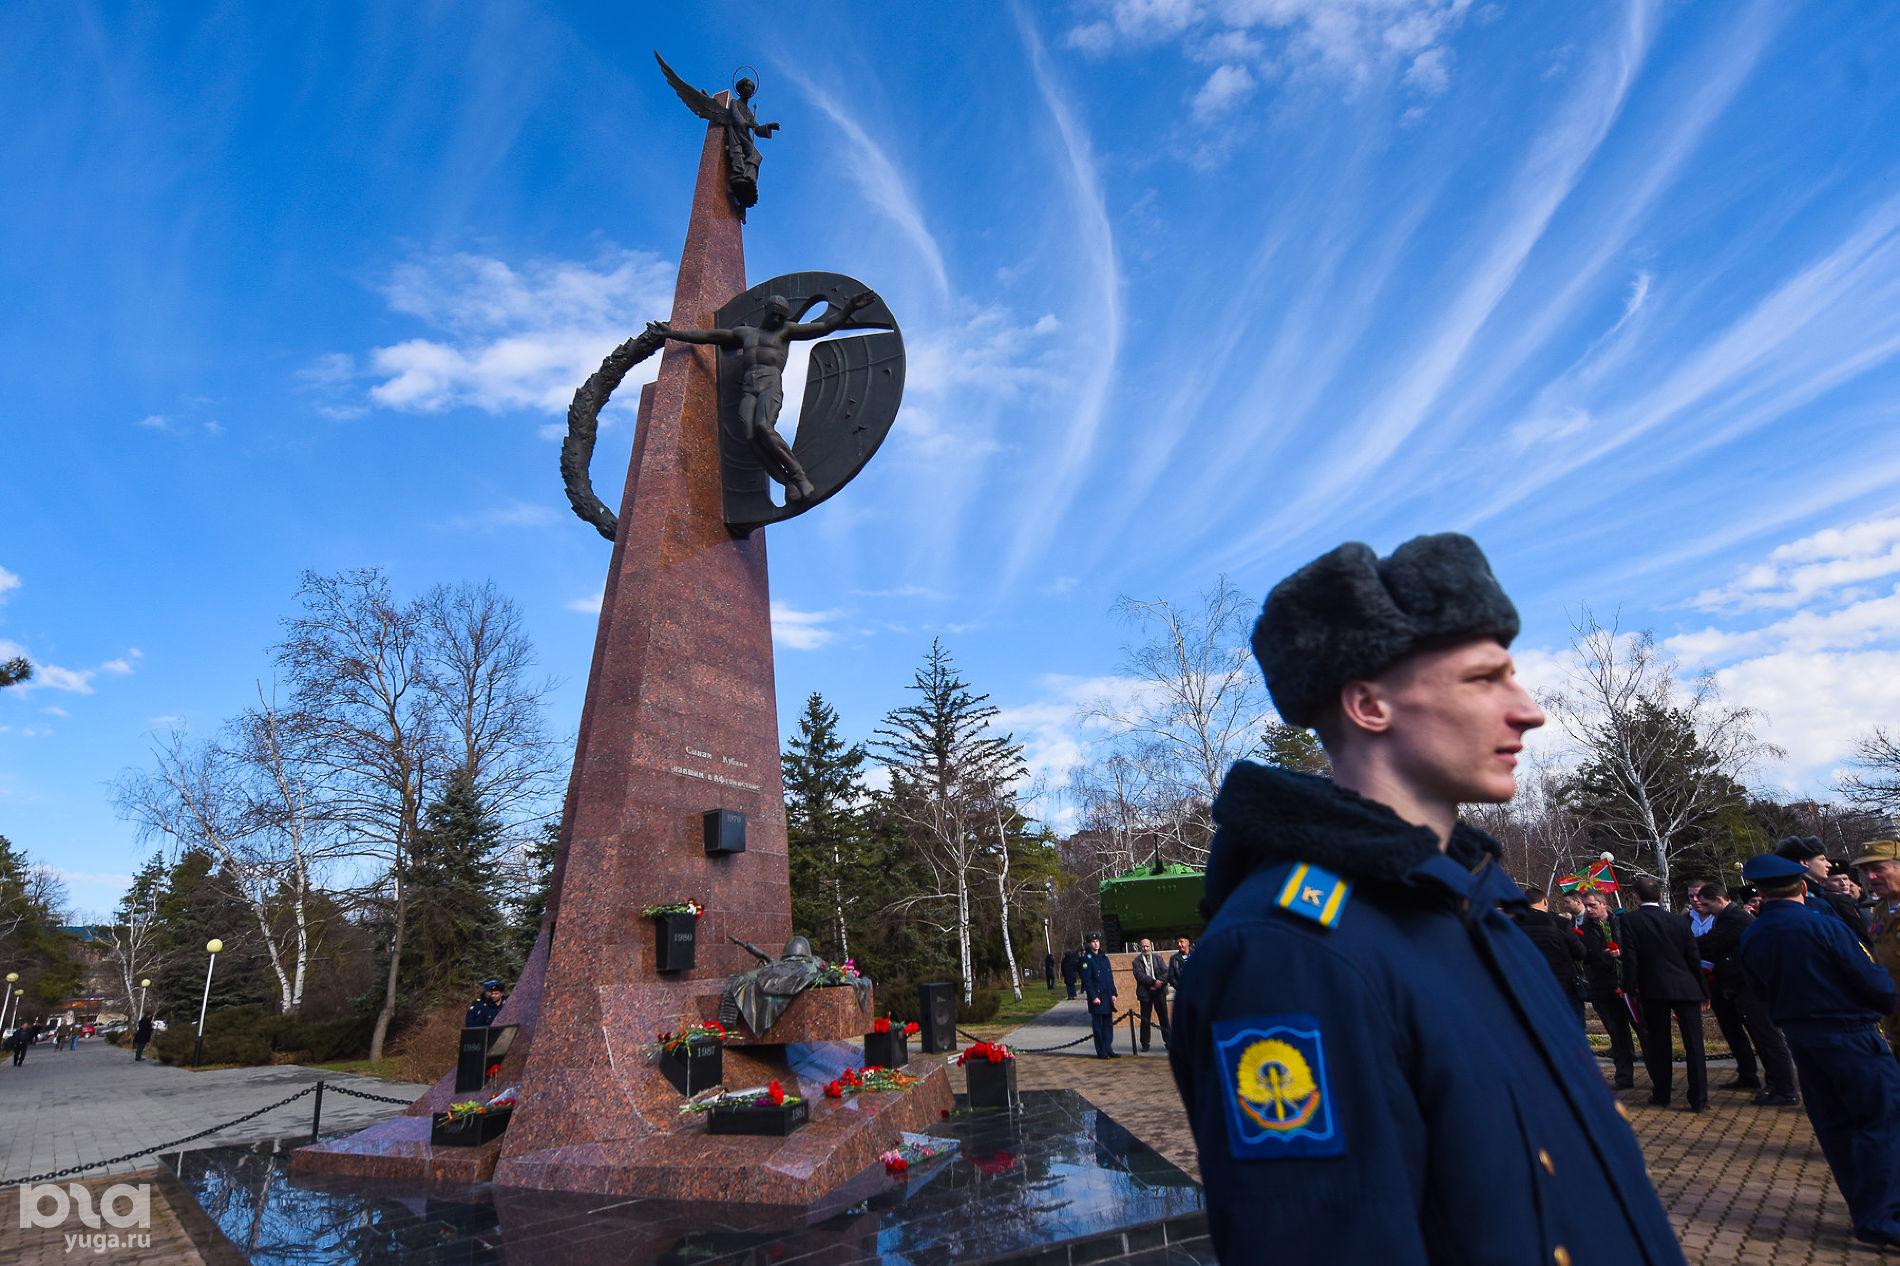 Памятник «Сынам Кубани, павшим в Афганистане» в Чистяковской роще ©Фото Елены синеок, Юга.ру